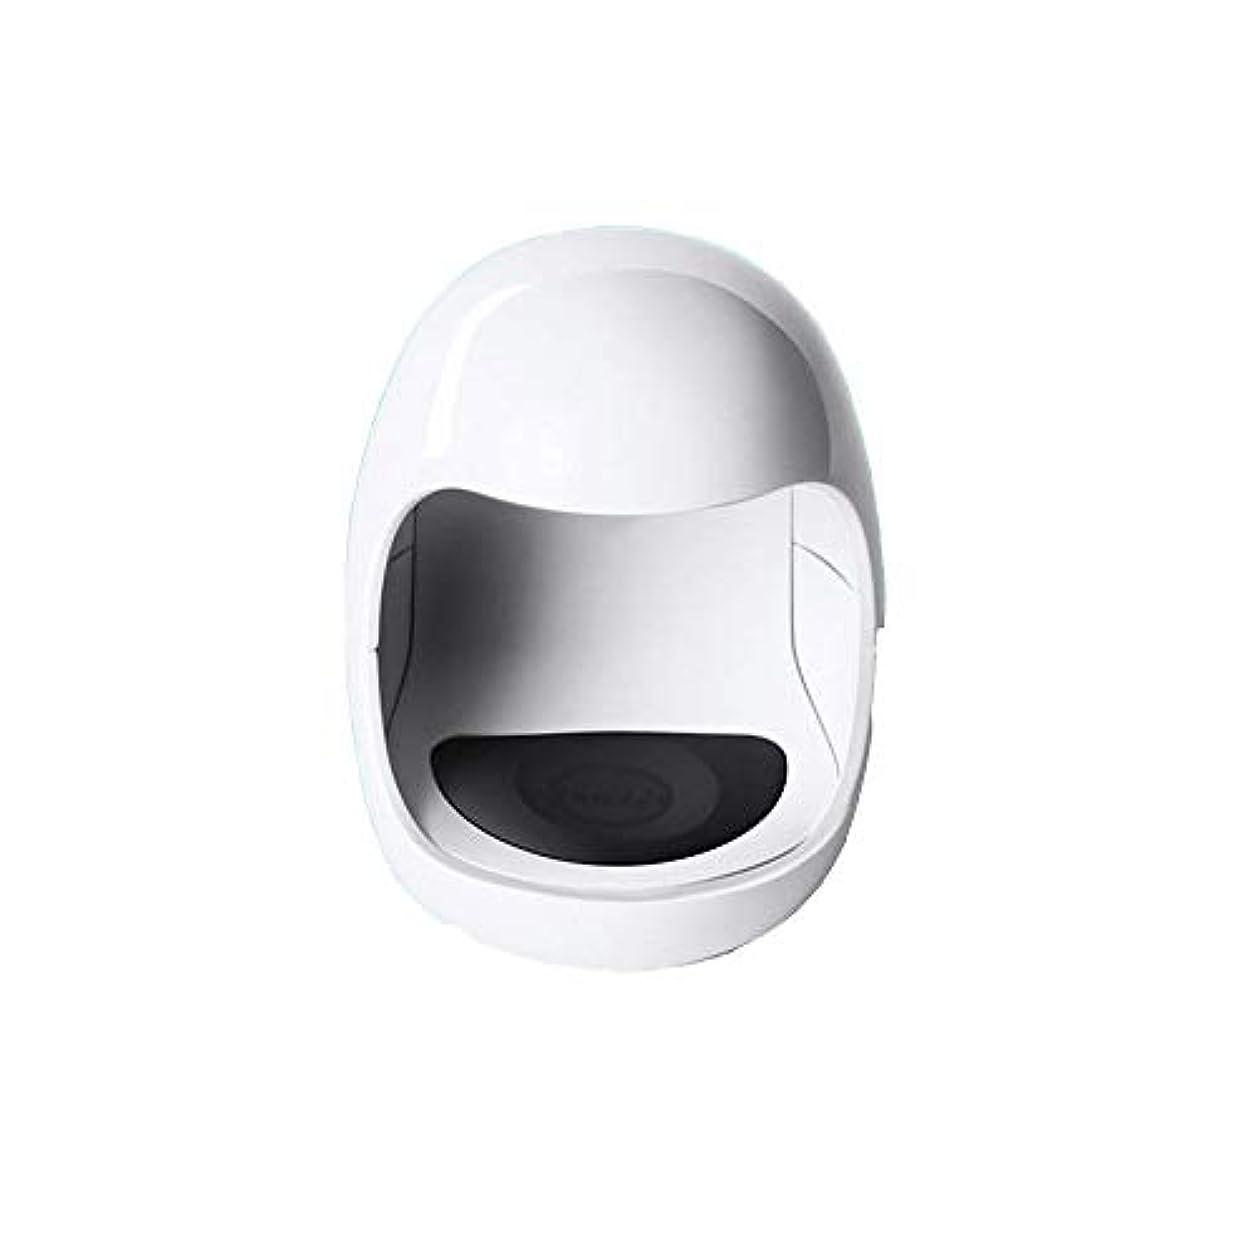 姿を消す失われたパキスタン人YESONEEP ミニ光線療法機ミニシングルフィンガーネイルライトセラピーライトUSB日光LED速乾性ネイルオイルグルーベーキングランプ (色 : White)